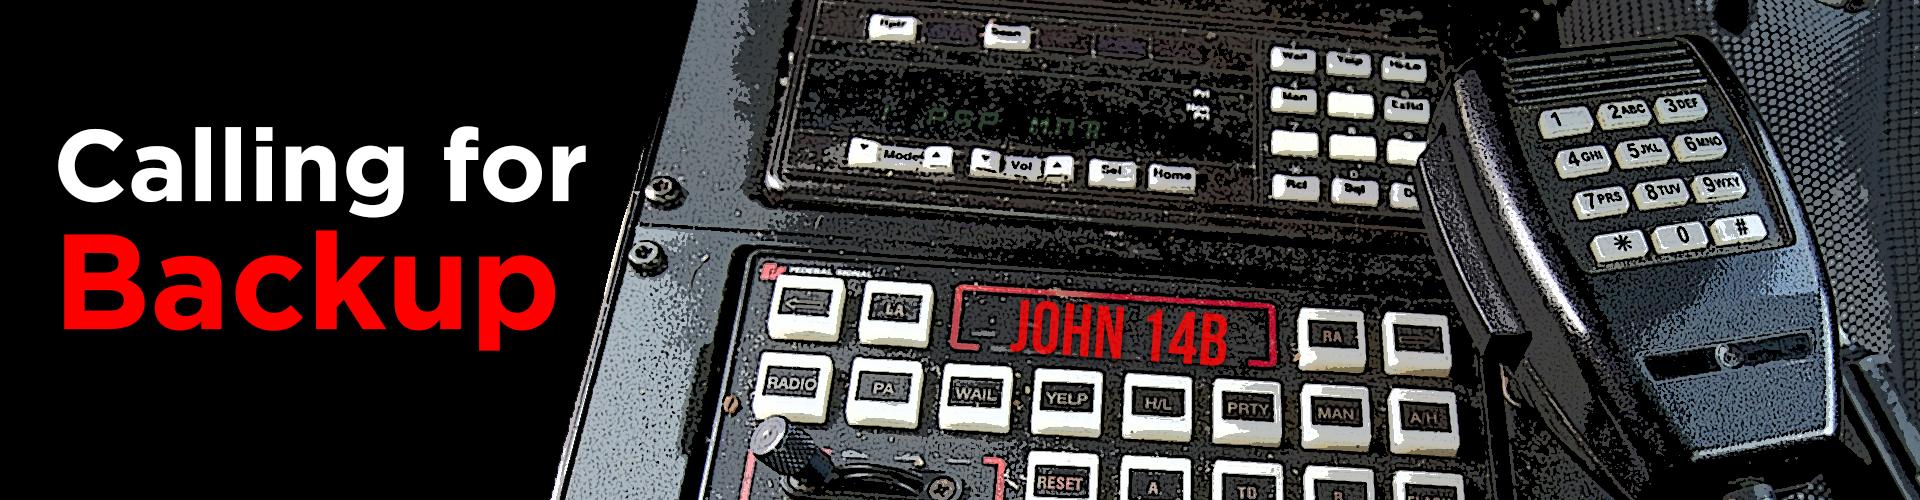 20140831-John14b-Slider.jpg